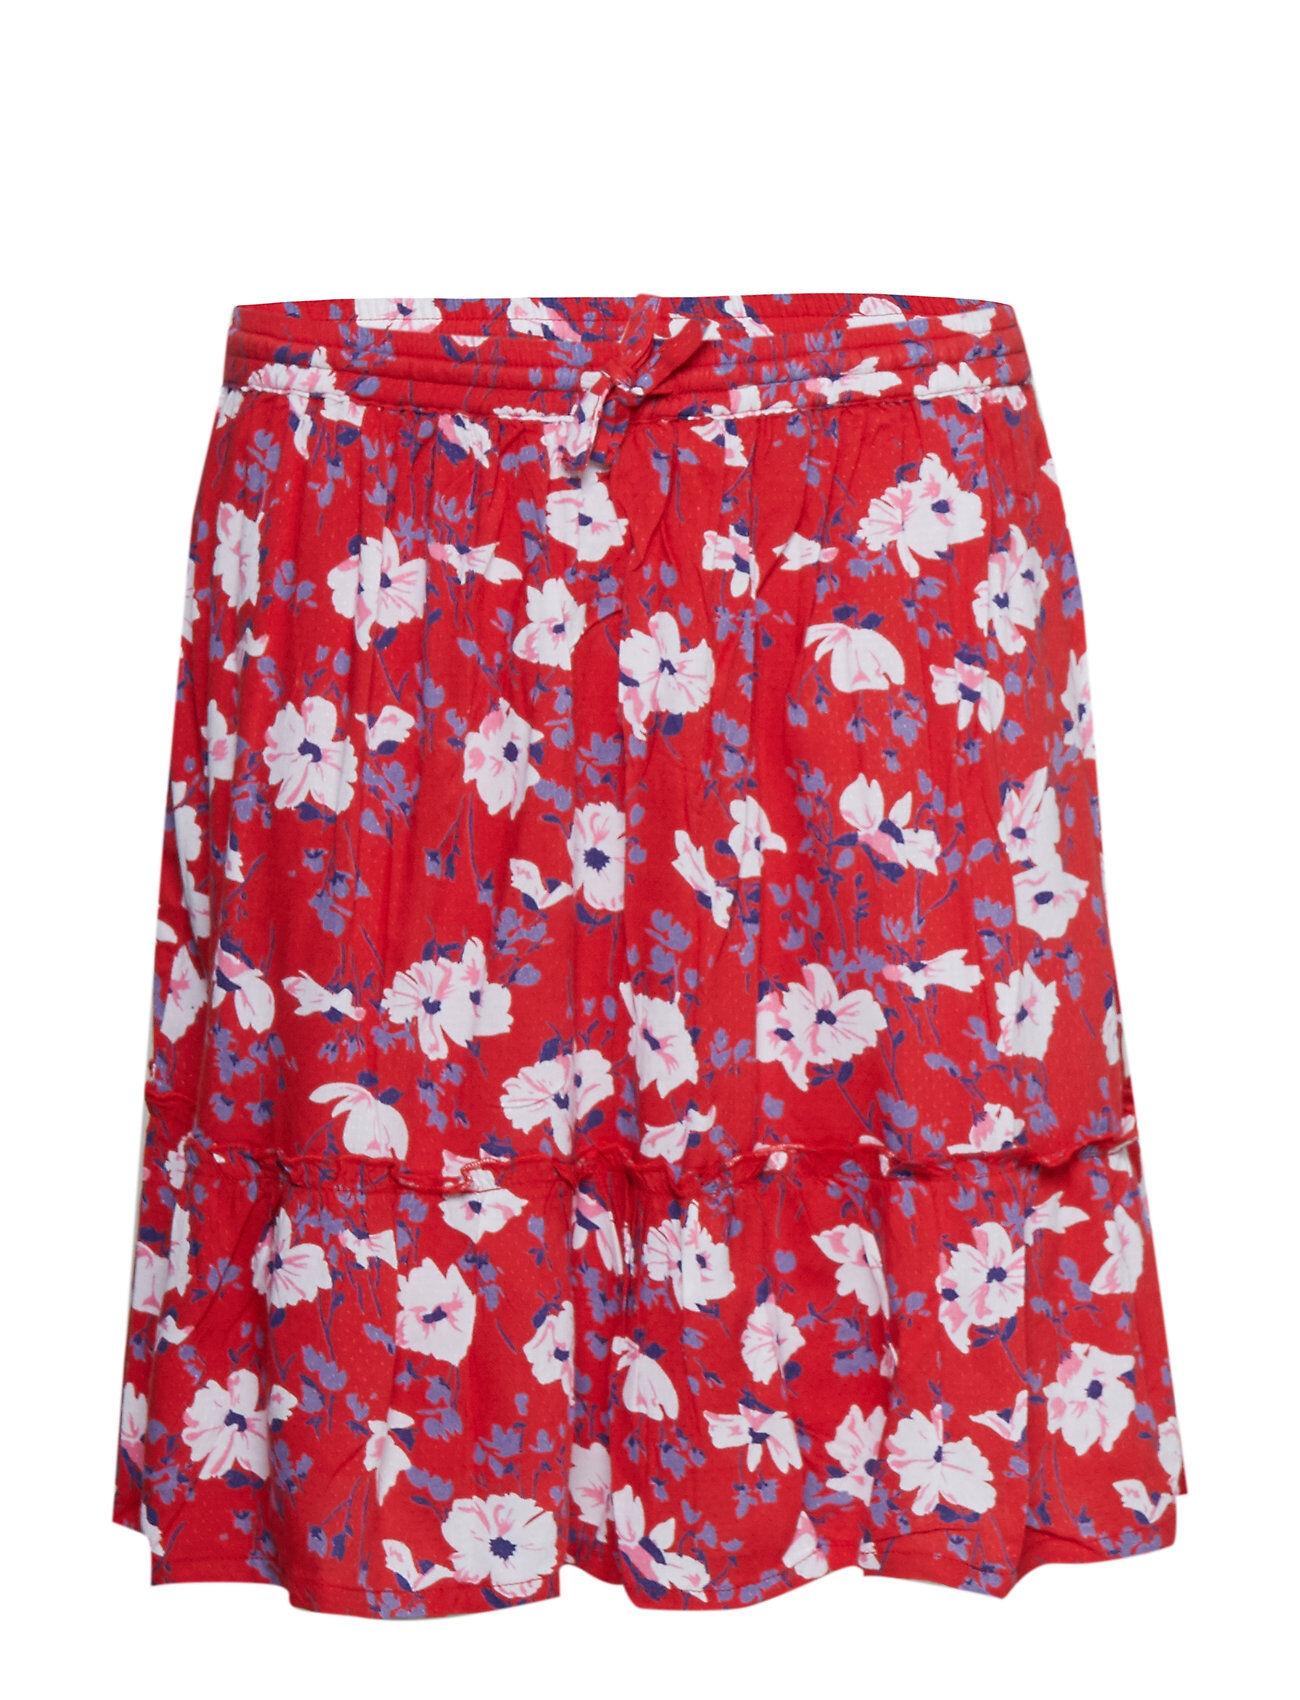 The New Kaktus Skirt